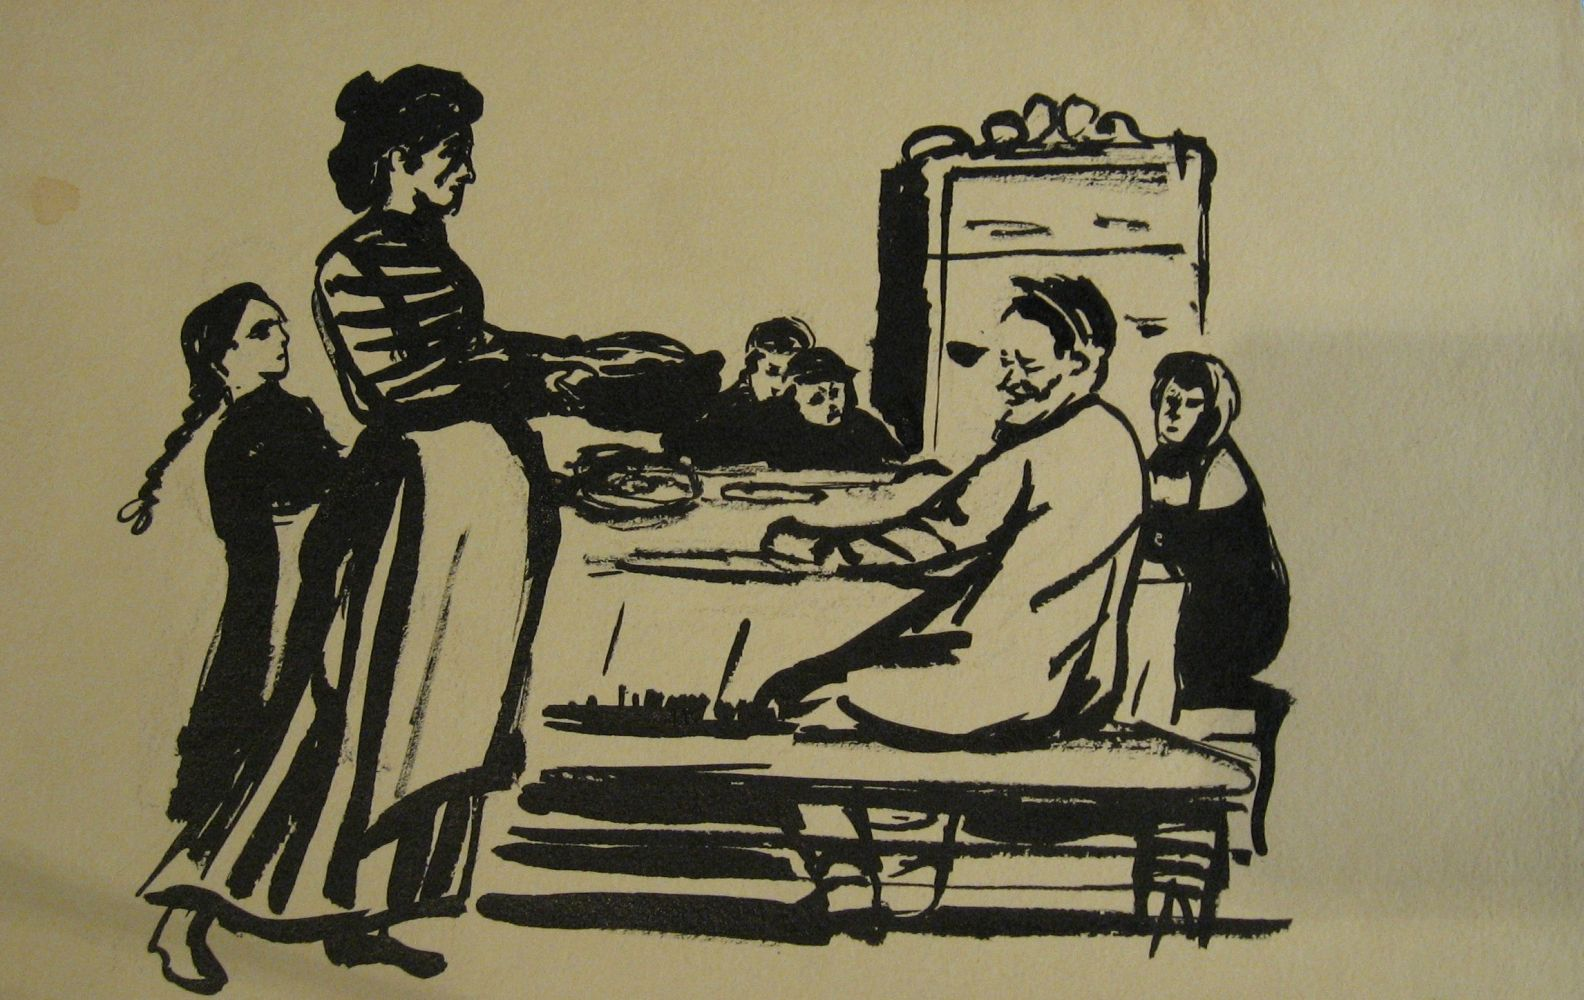 М.Аксельрод. Семья за столом, бум.т., 1930-е